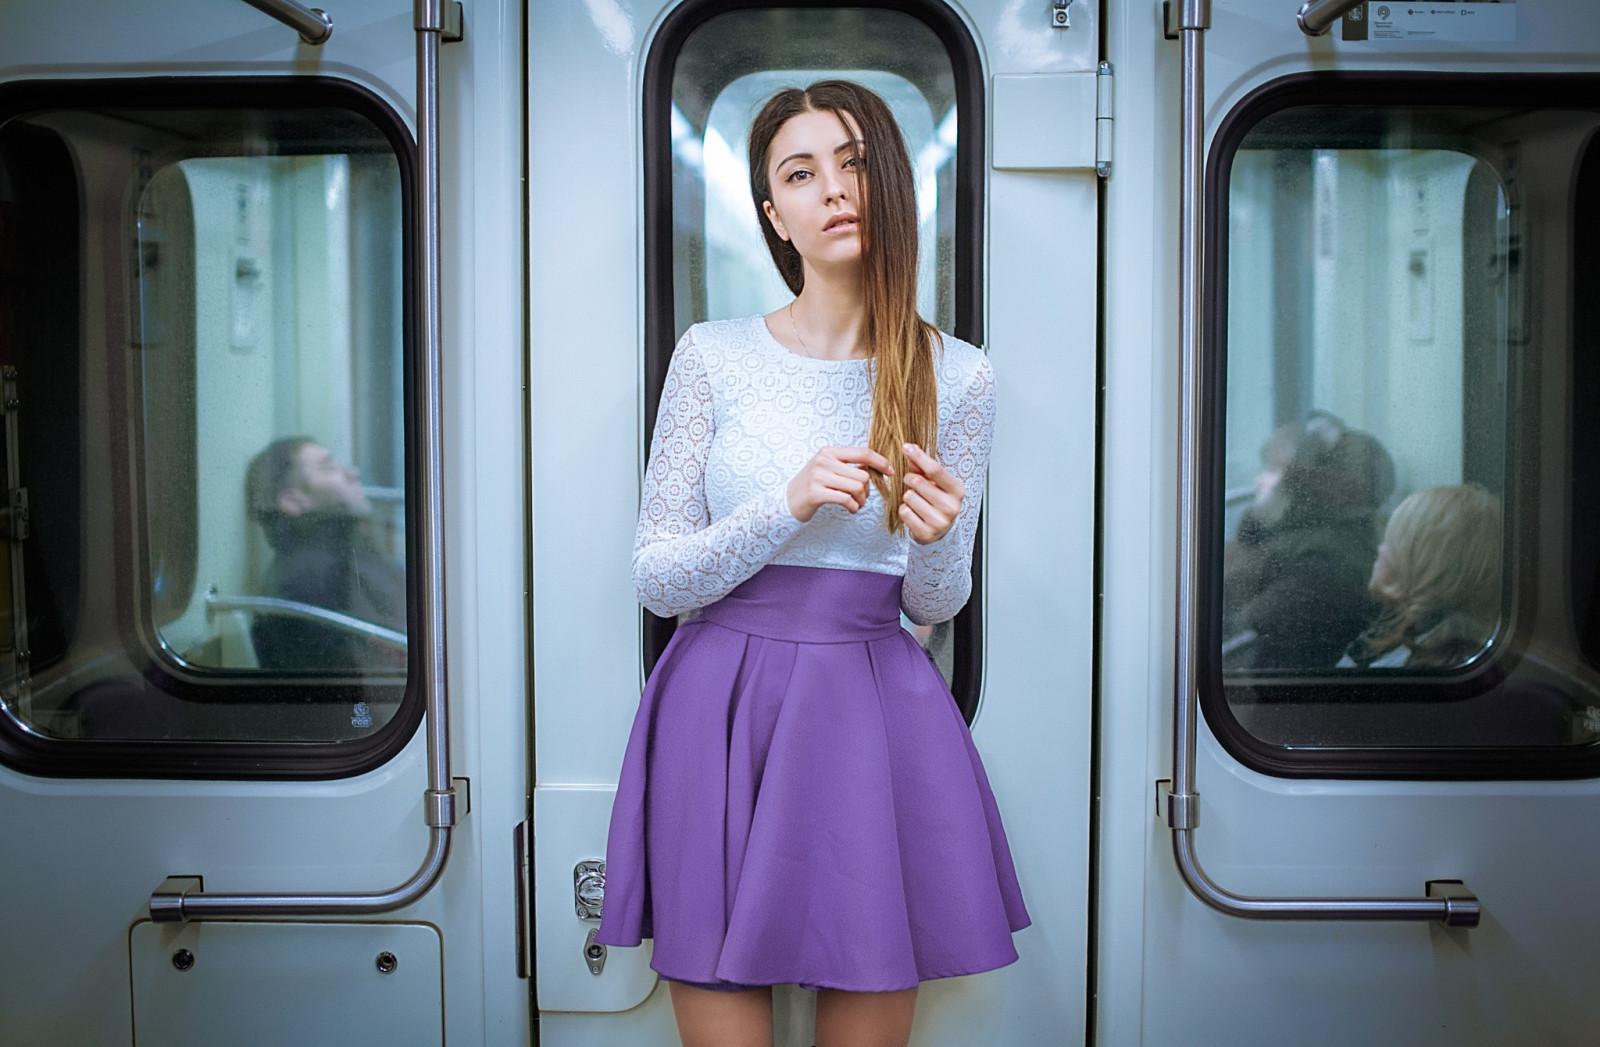 Ролики девушки в легком платье в метро, самые эротичные порно звезды